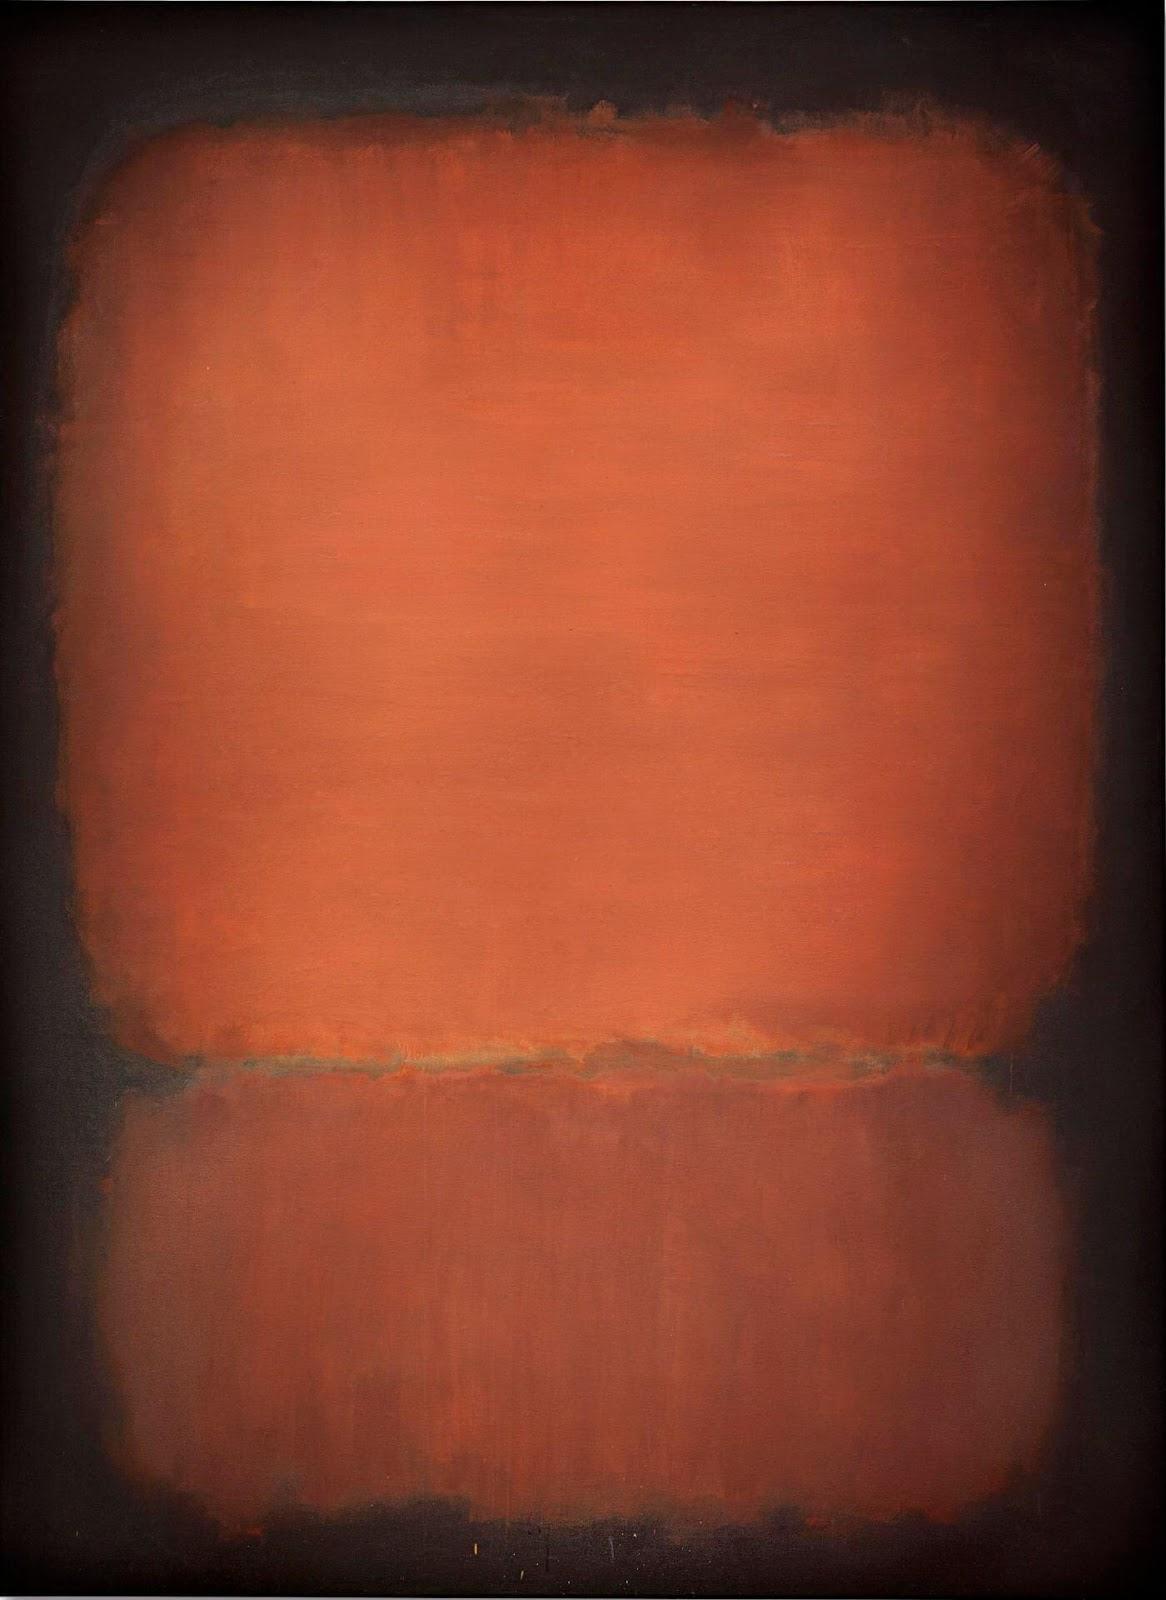 Mark Rothko, No. 10, 1958, acrylique sur toile adjugée 65159800 euros par Christie's New York en 2015